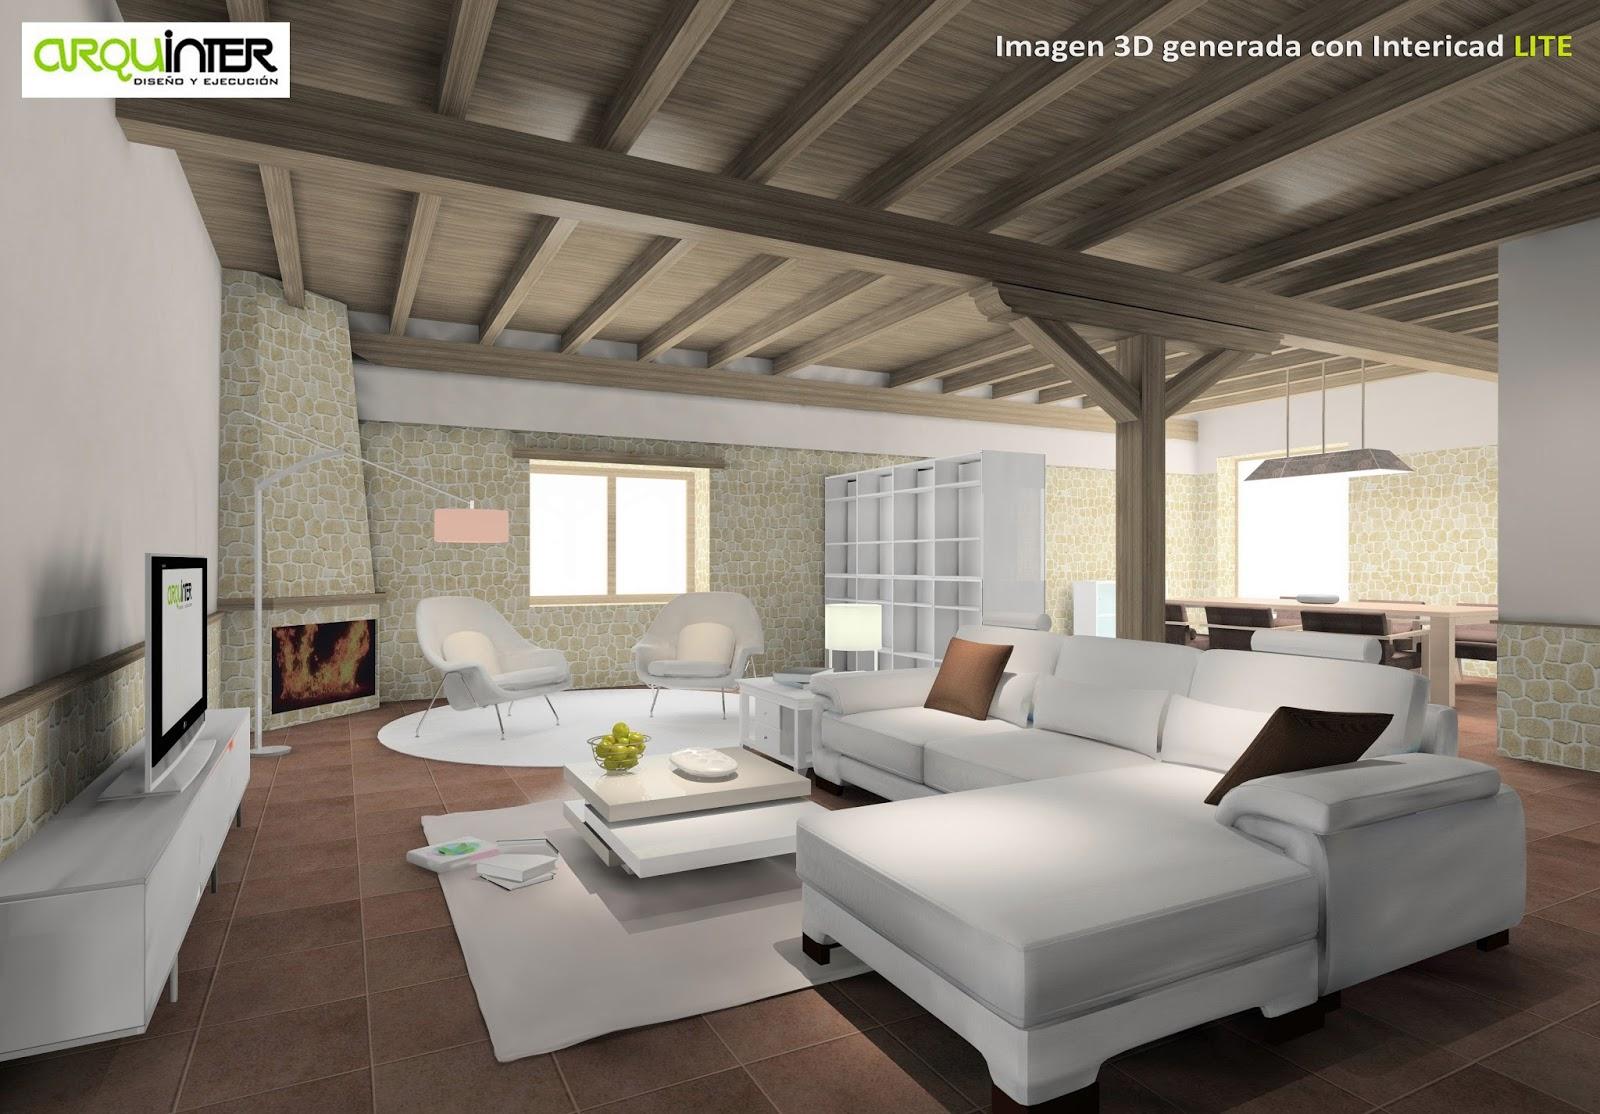 Intericad - Decorador de interiores virtual ...